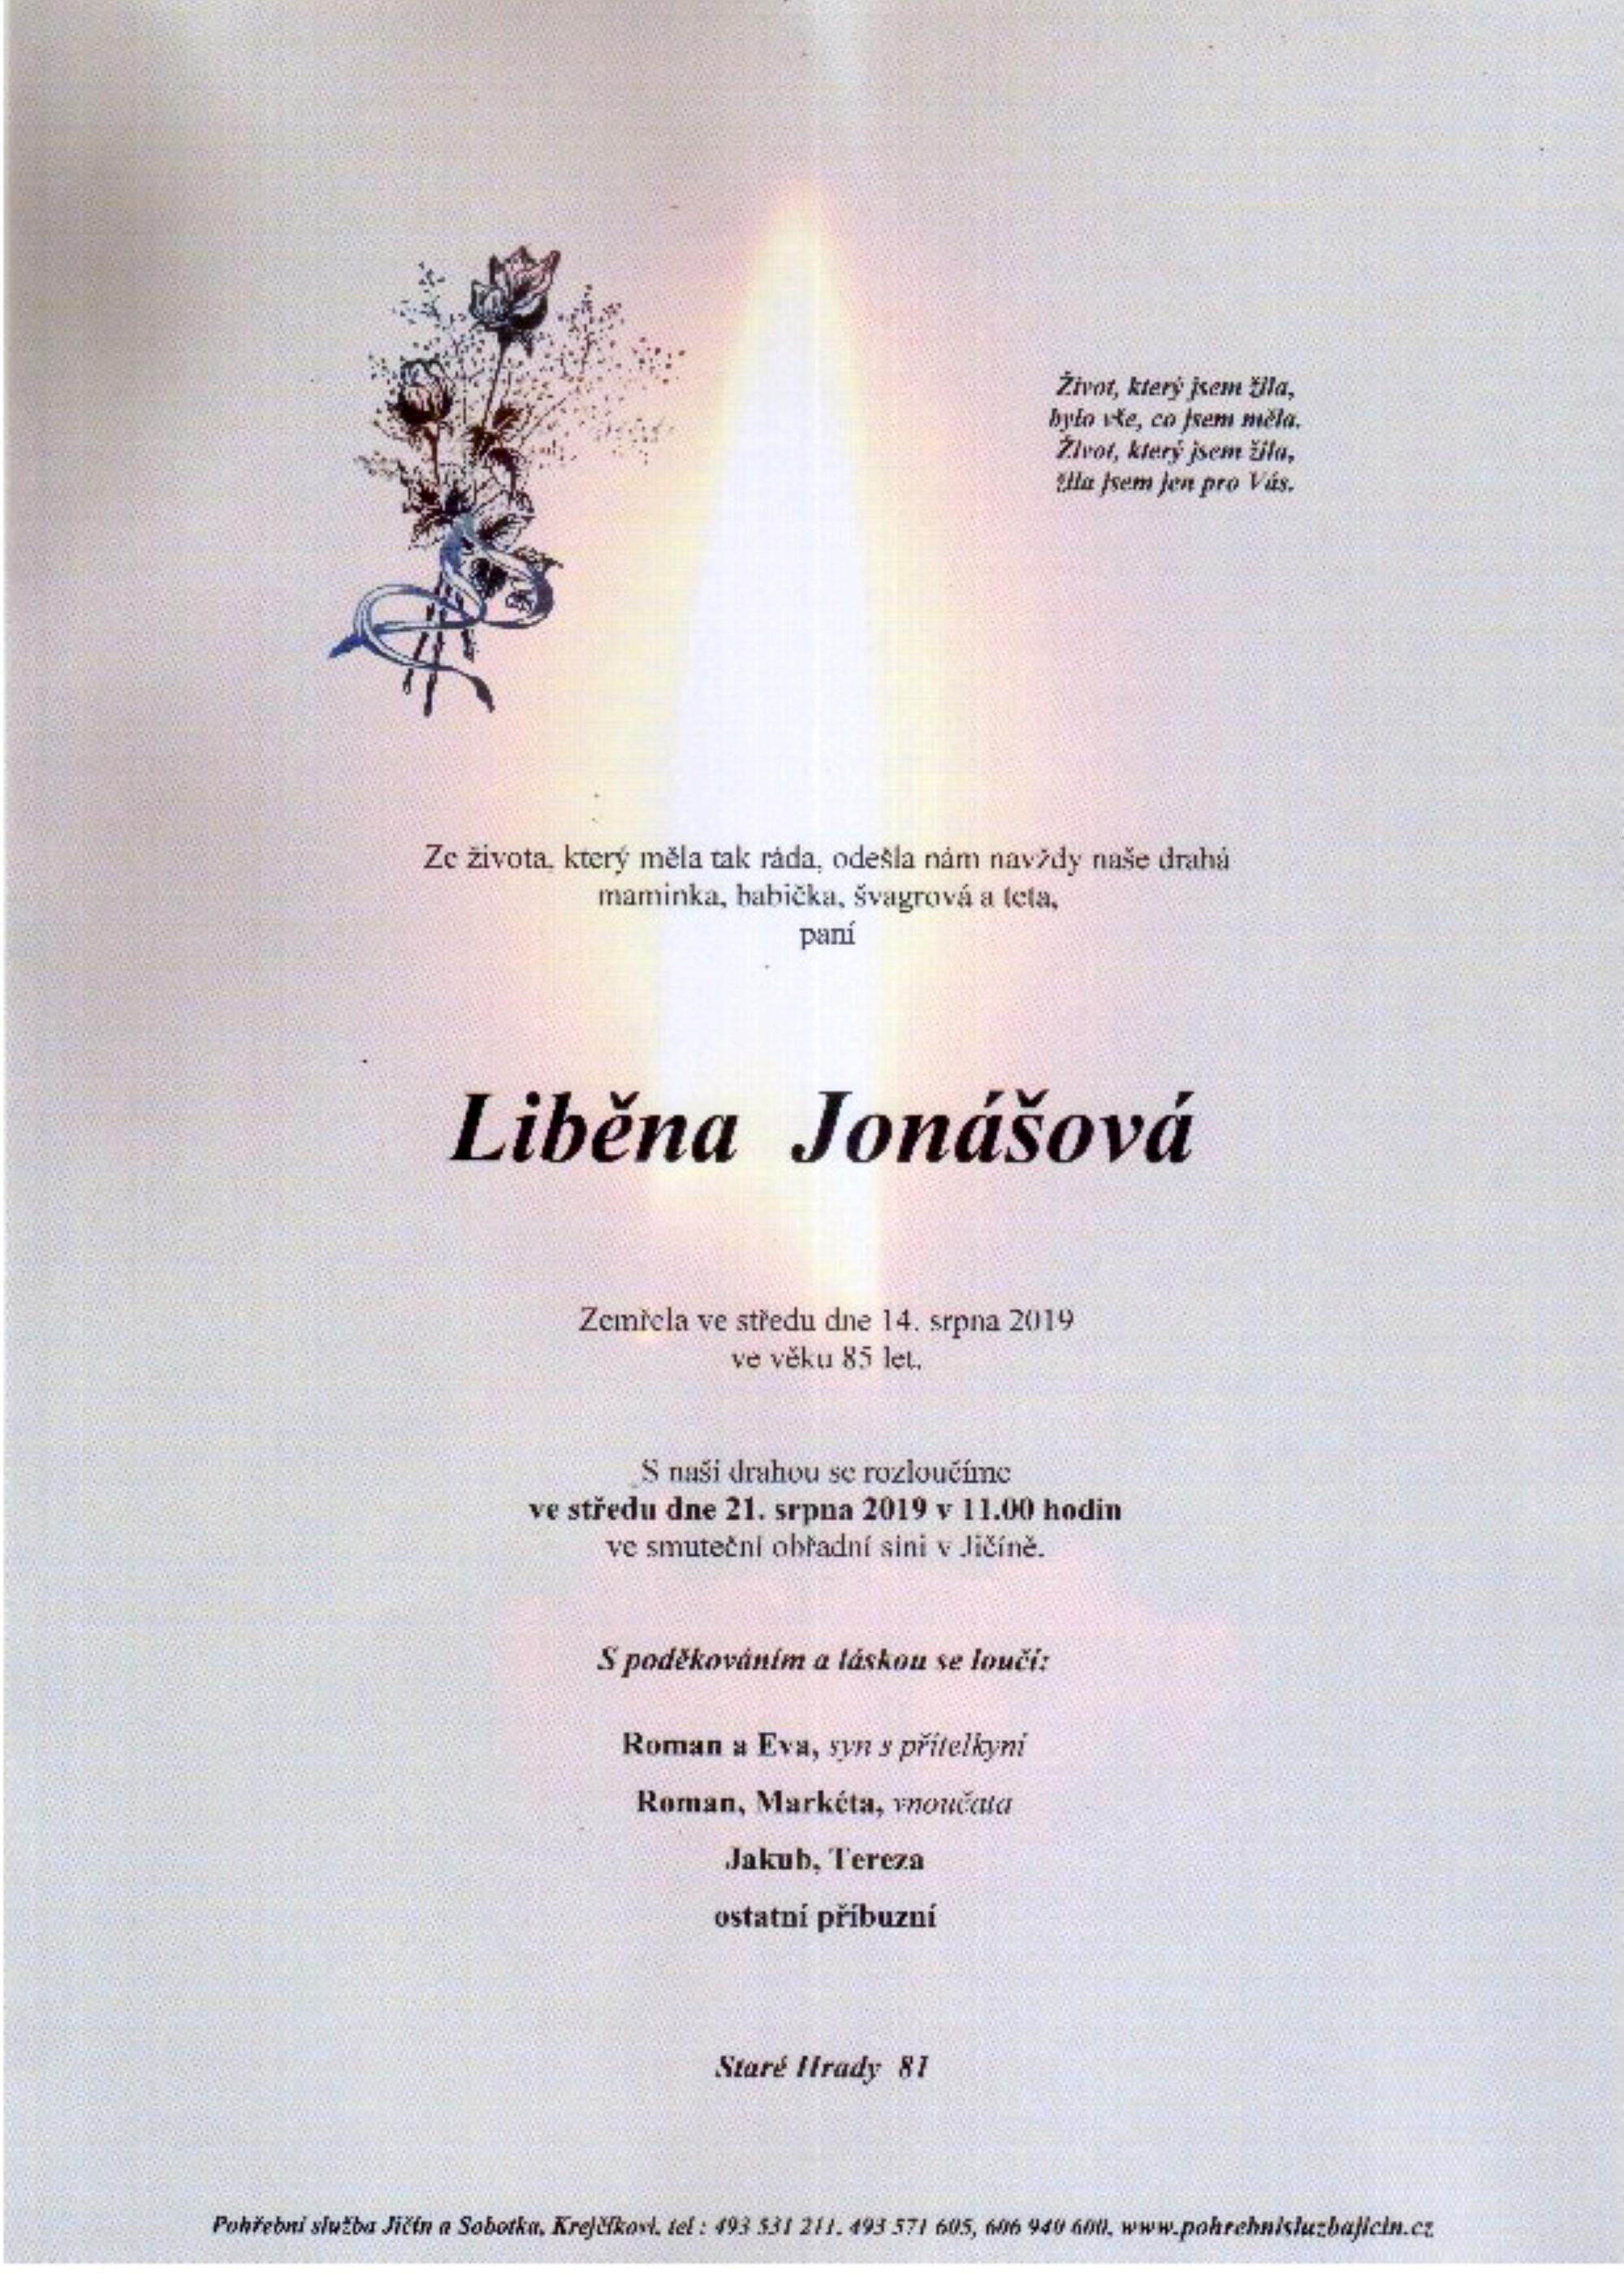 Liběna Jonášová